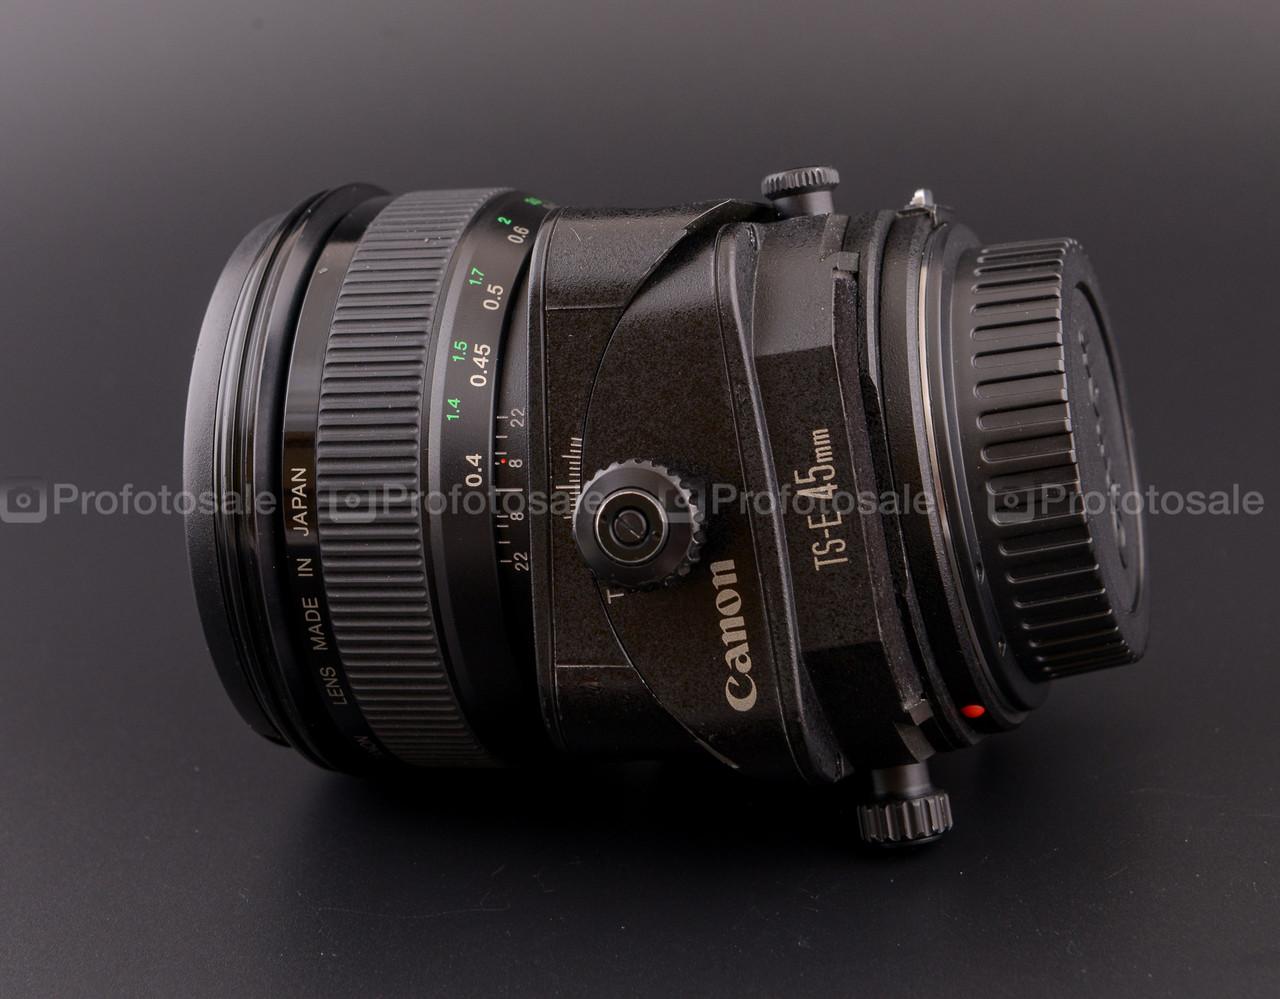 Canon TS-E 45 mm f/2.8